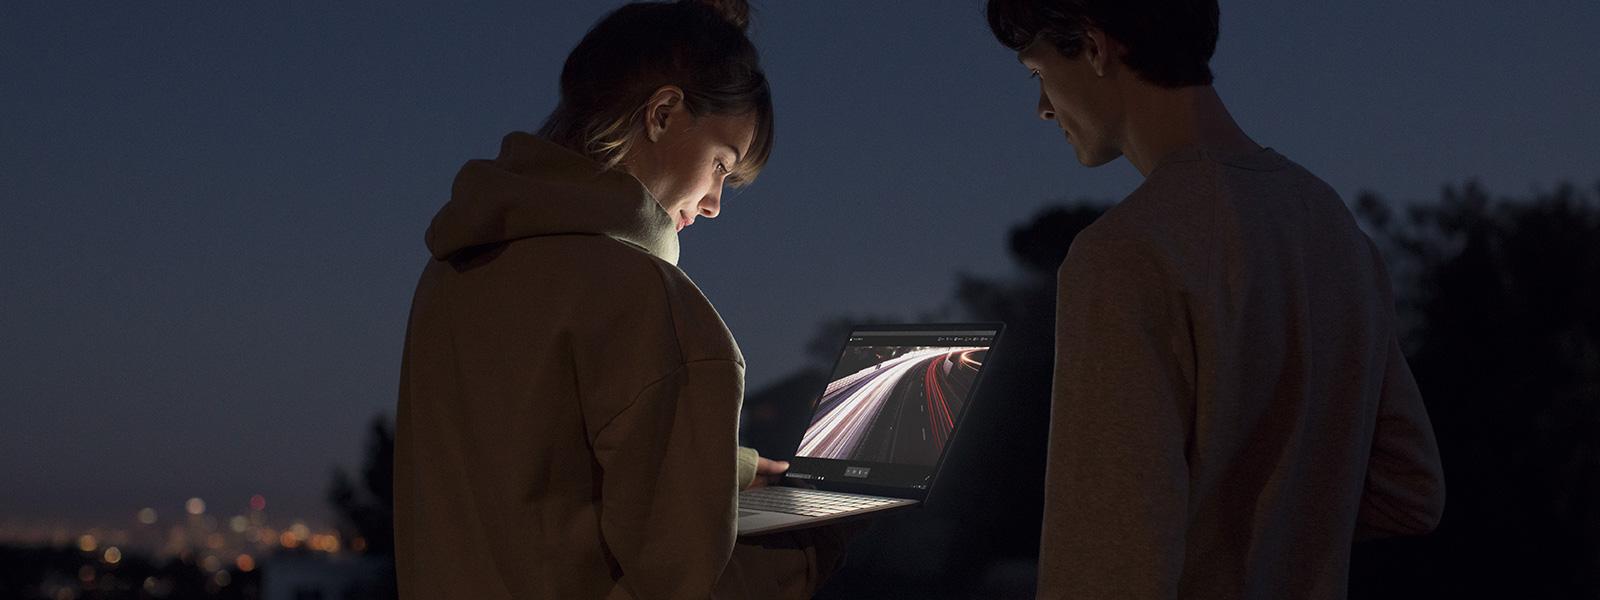 Imagem de dois estudantes a utilizarem o Surface L durante a noite.